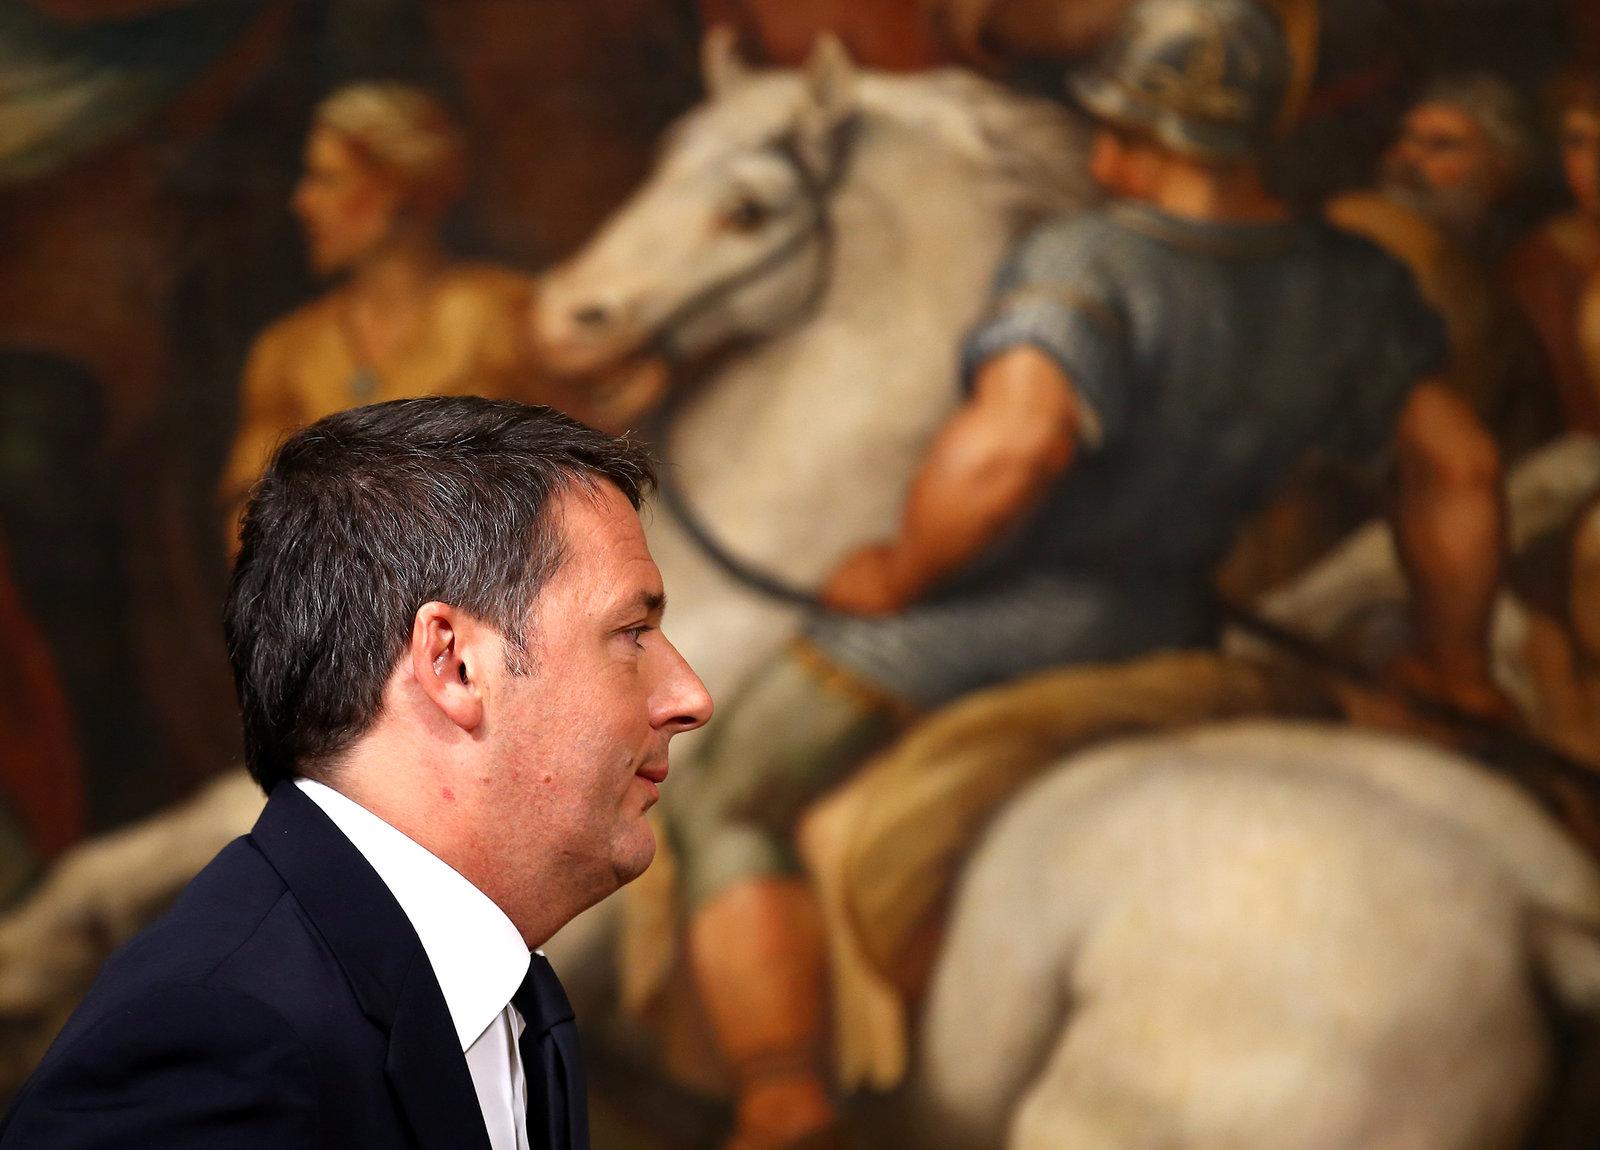 倫齊黯然下台,但對於政權頻繁轉變,意大利人並不驚訝。圖片來源:路透社